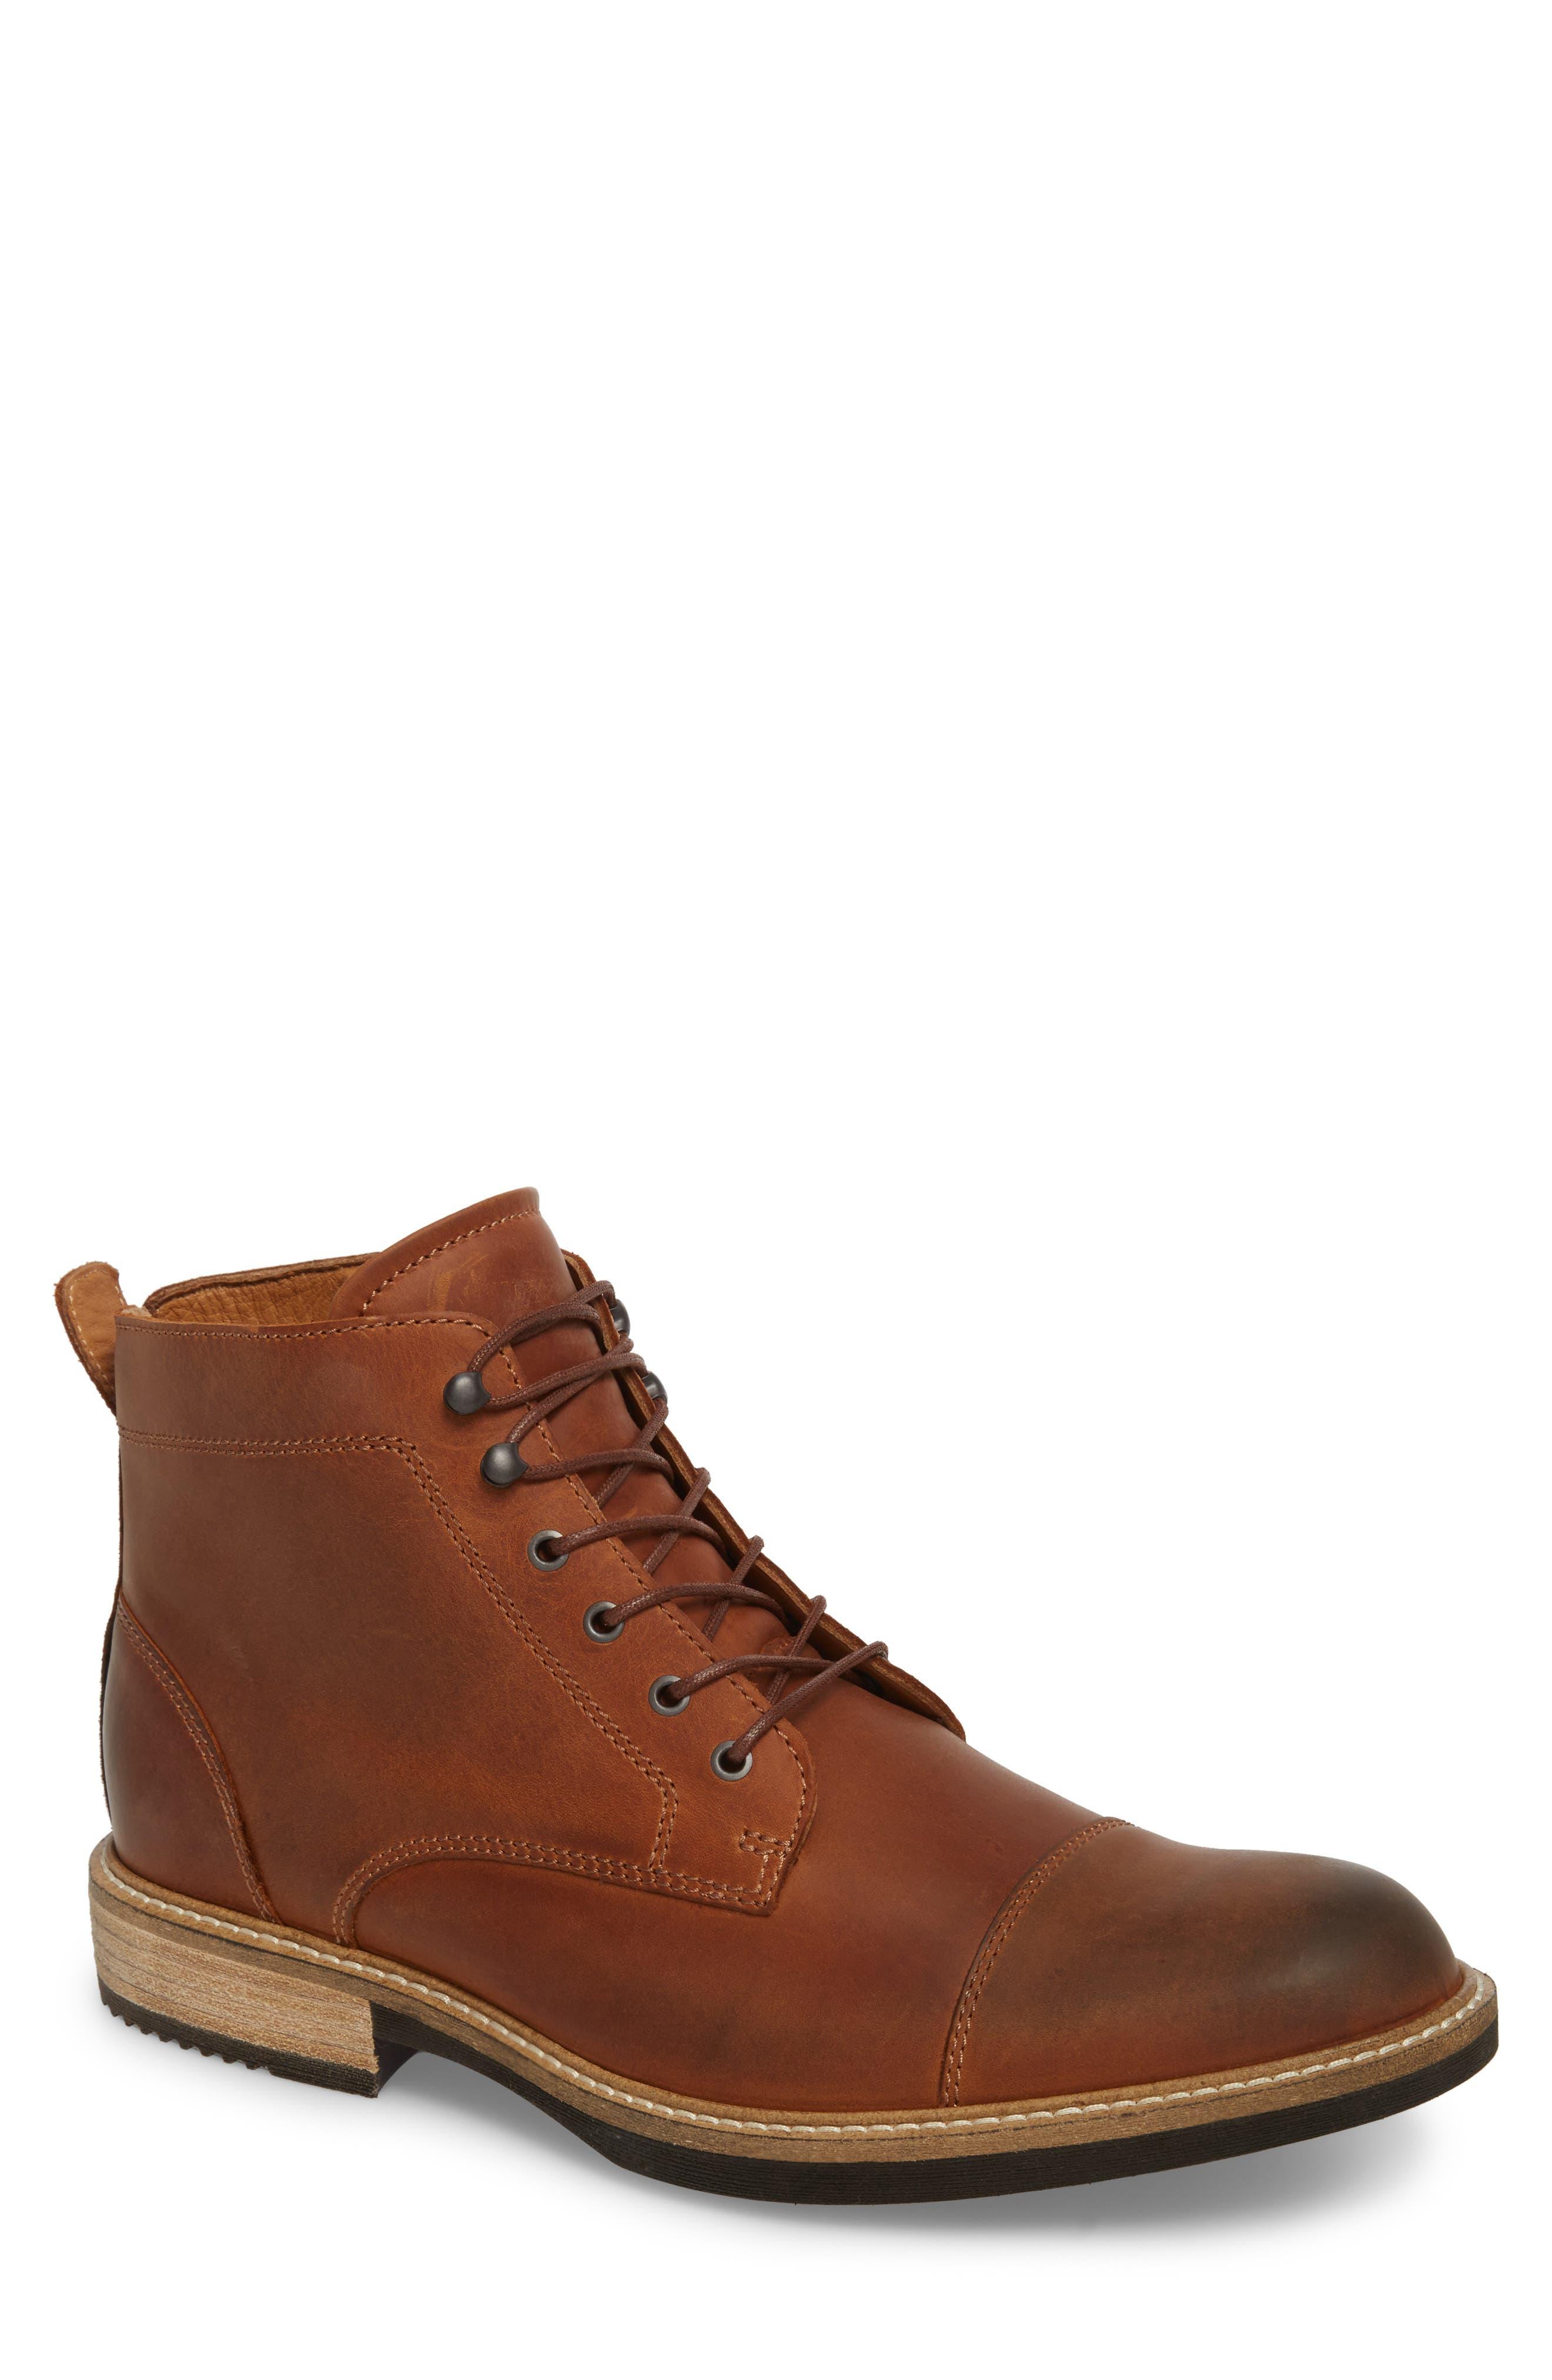 Kenton Vintage Cap Toe Boot,                         Main,                         color, COGNAC LEATHER